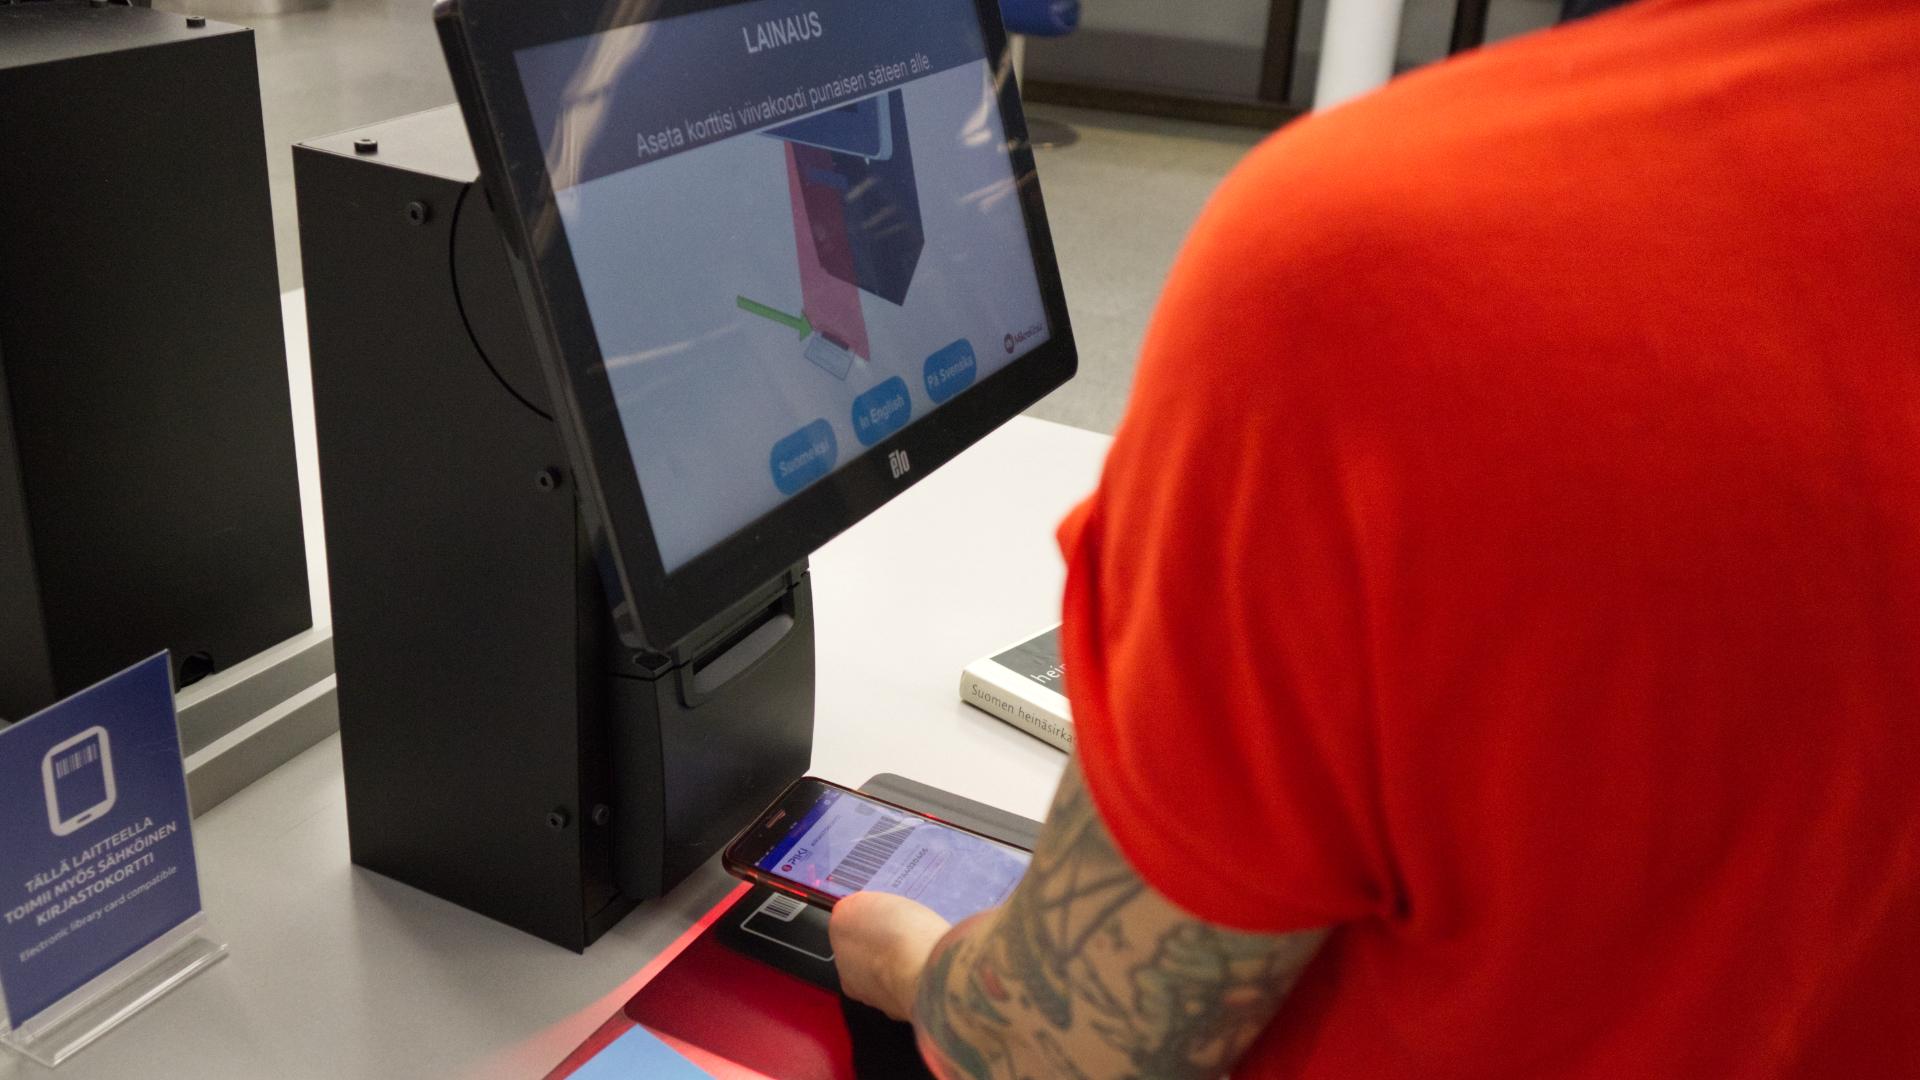 KaupunkiAppis - PiKi-kirjastokortti käytössä Tampereen Metso-kirjastossa